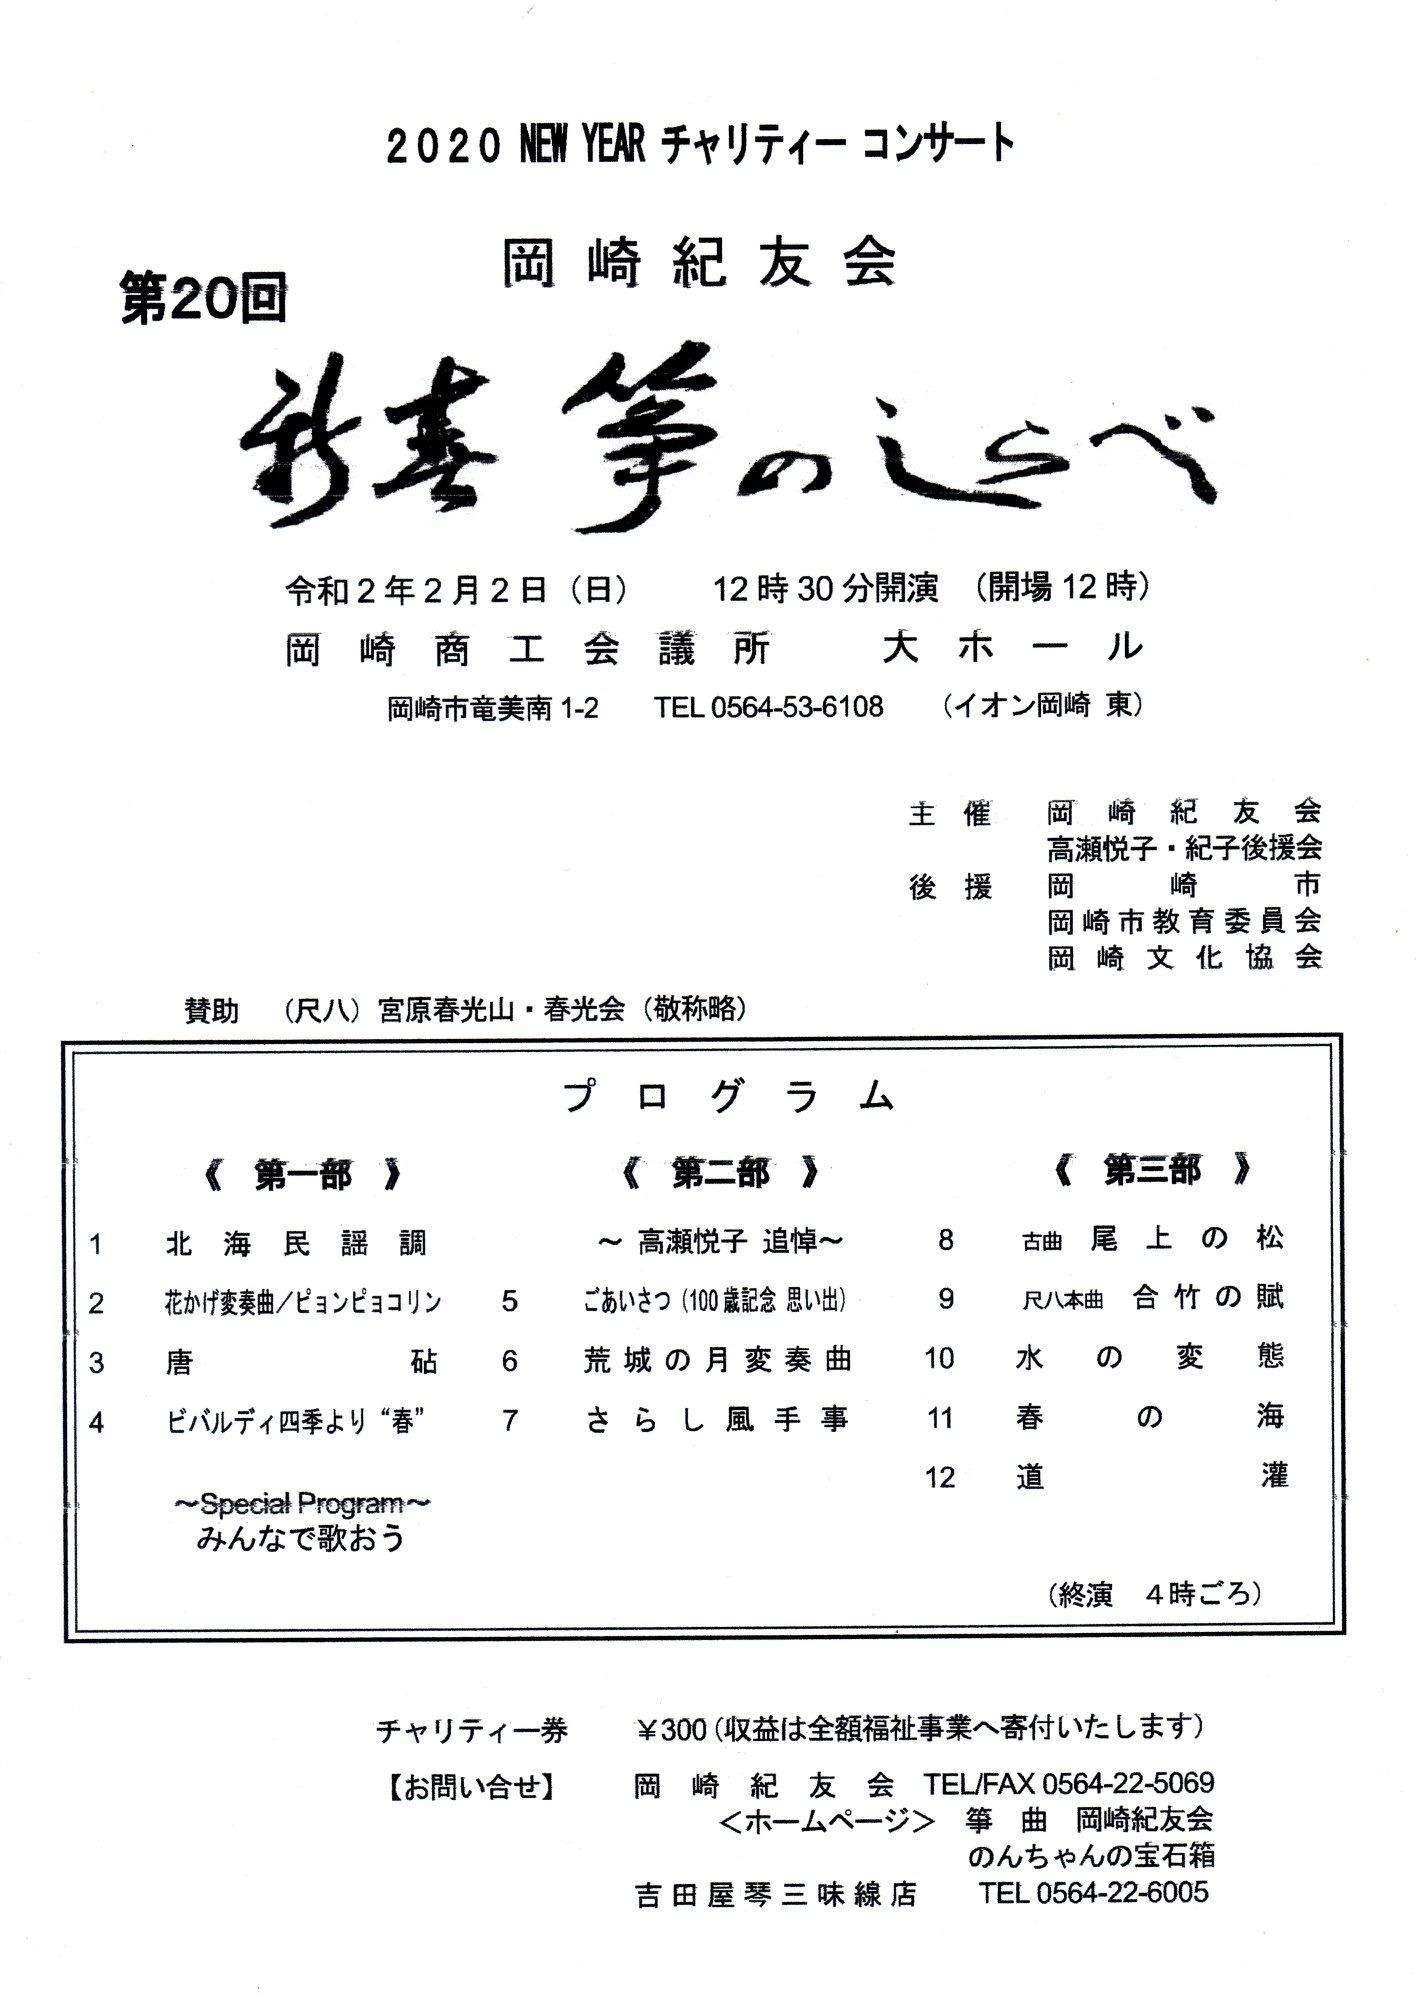 岡崎紀友会のチャリティーコンサート